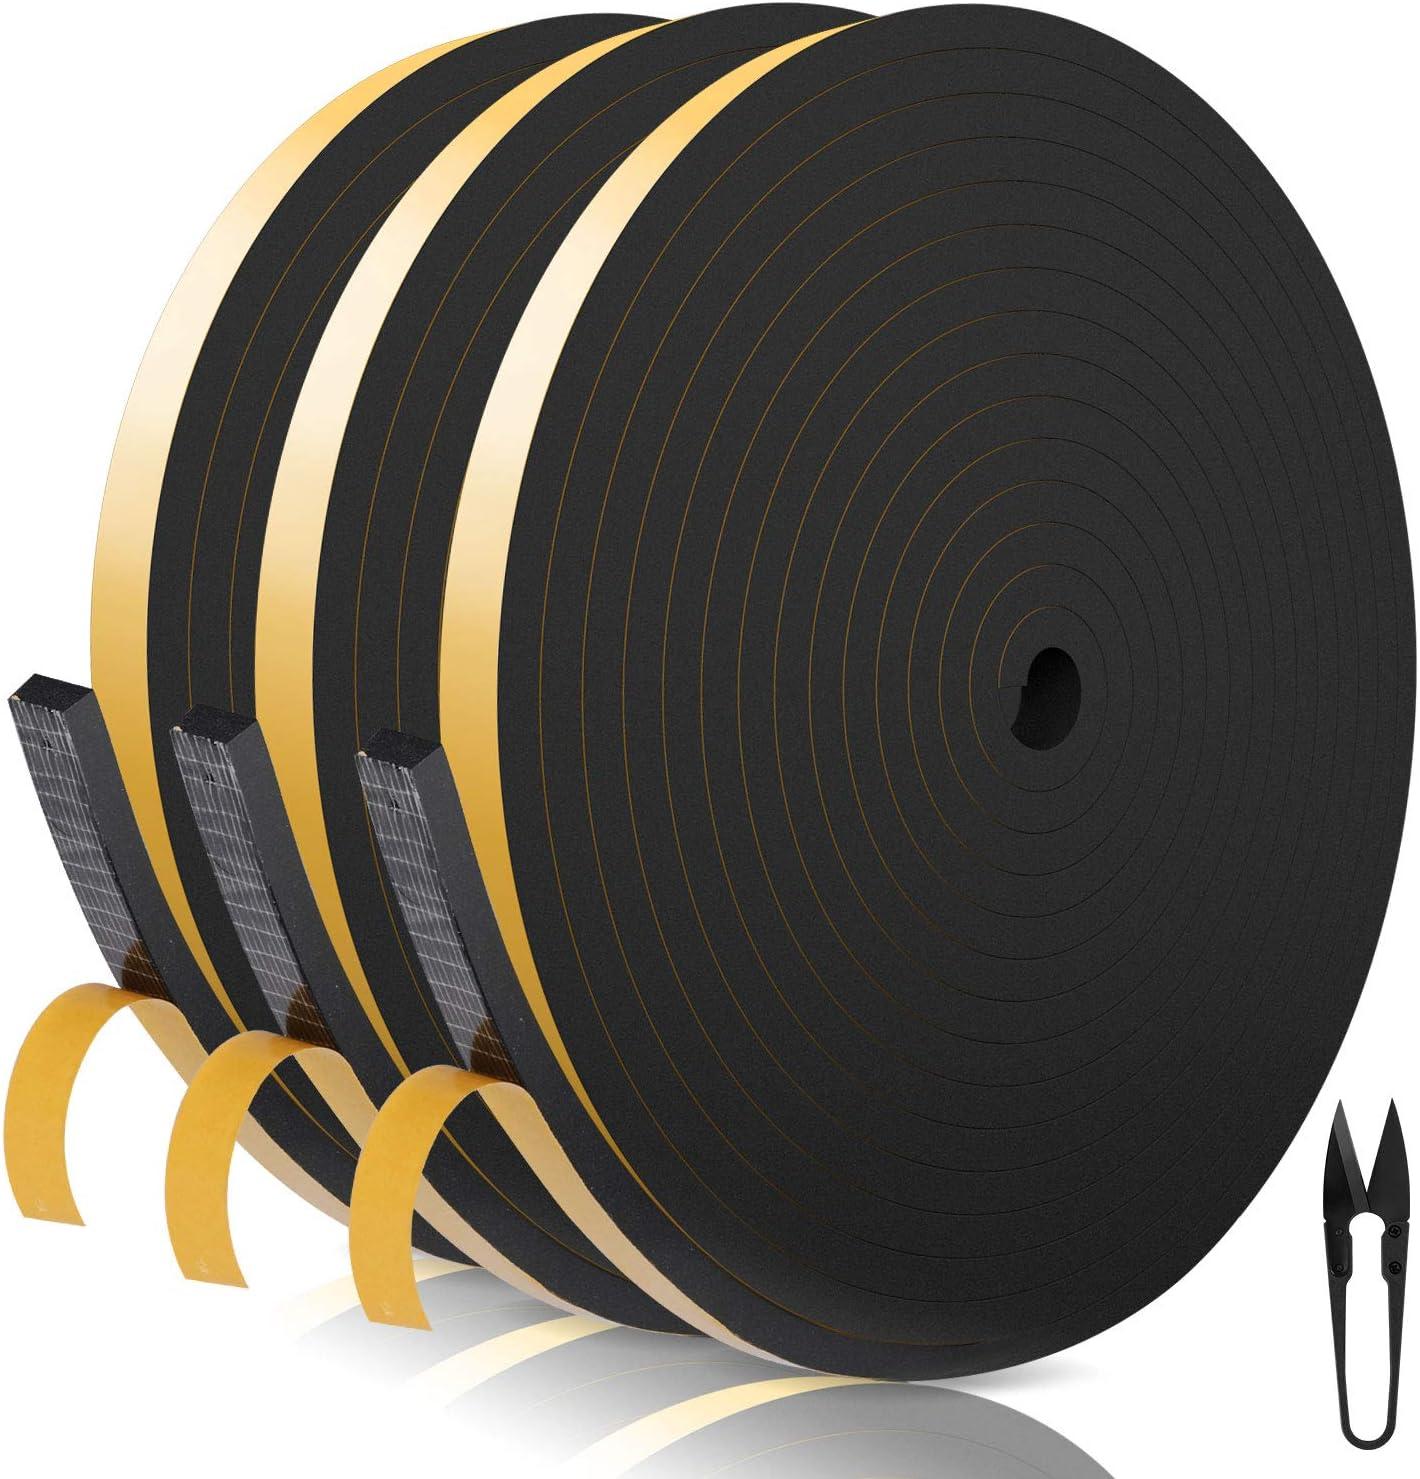 RATEL Tira de Sellado Junta 12 mm (W) * 6 mm (H) * 18 m (L) con Tijeras * 1, Tiras de Sellado Autoadhesivas Prova di collisione y Aislamiento Acústico para Grietas y Espacios (Negro)